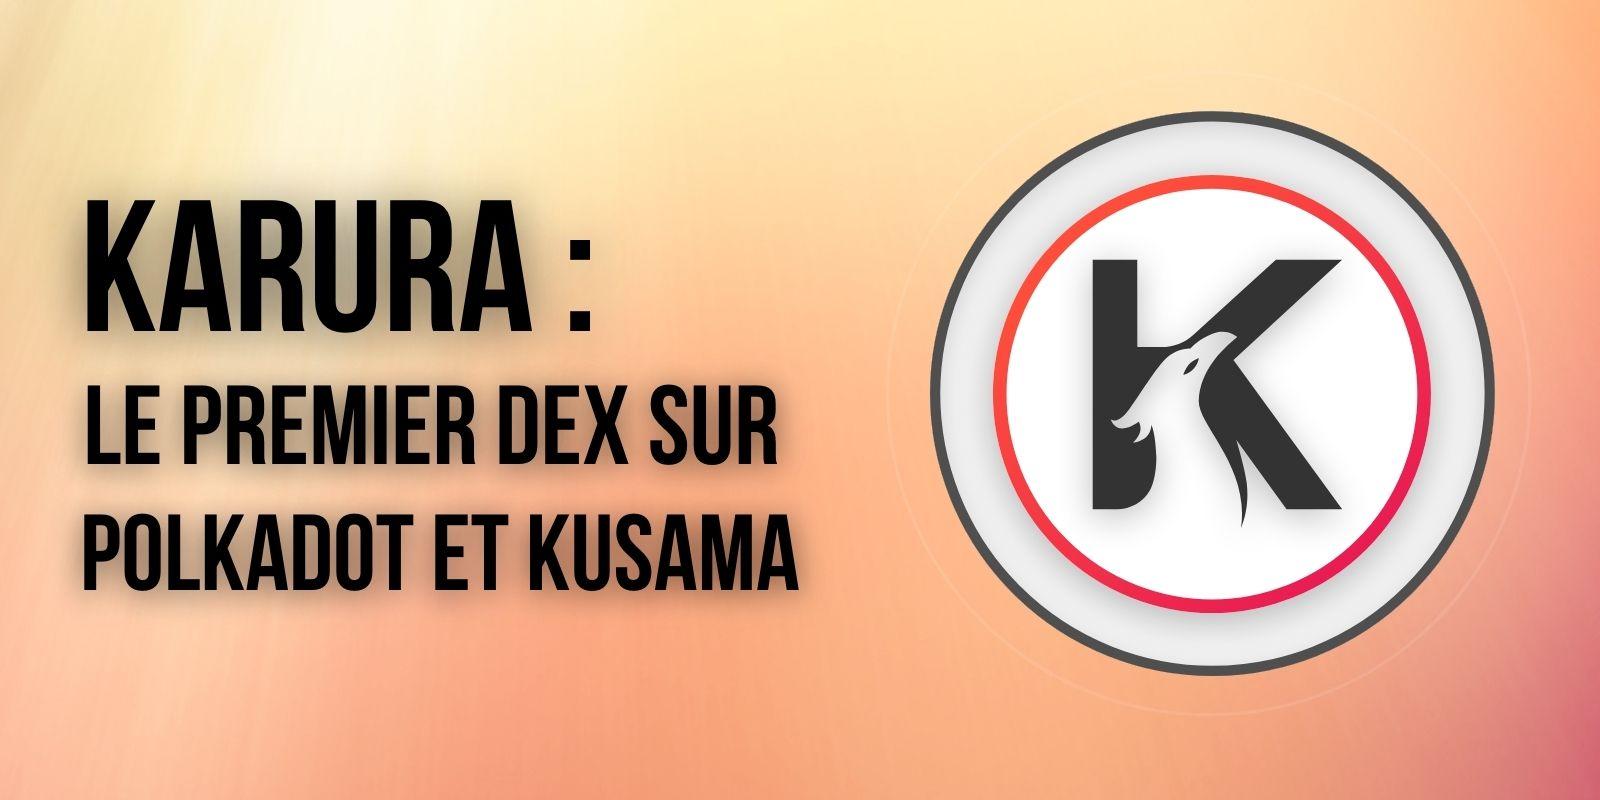 La para-chaîne Karura déploie le premier DEX du réseau Kusama (KSM)